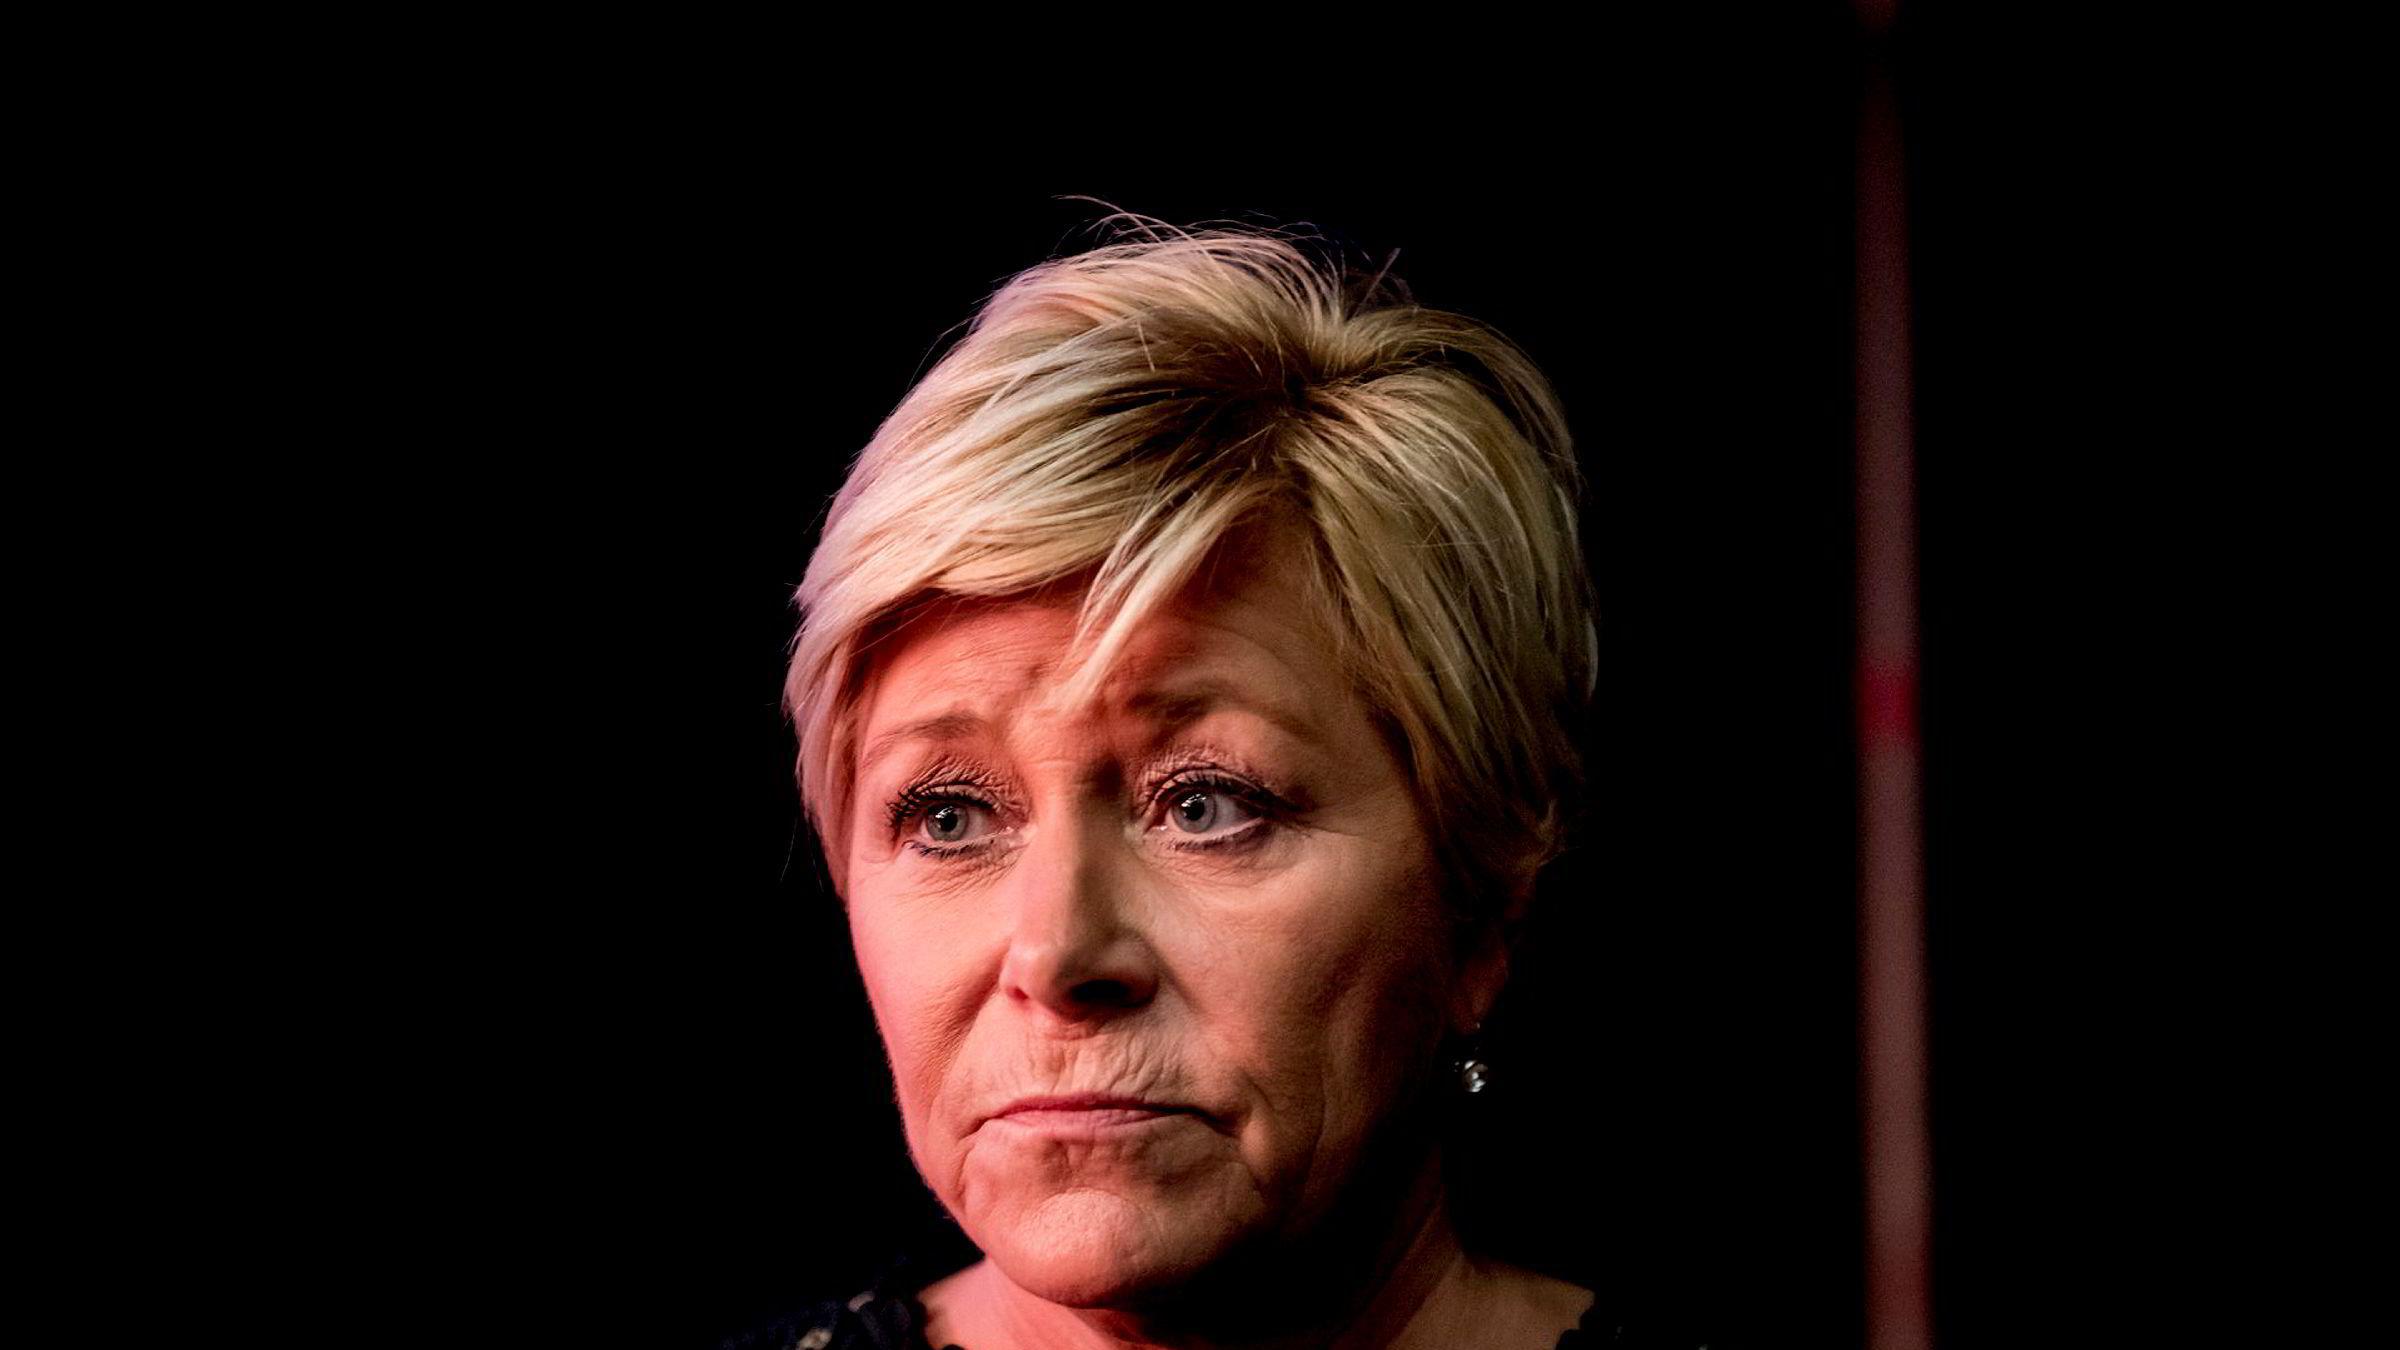 Finansminister Siv Jensen innledet årets hvitvaskingskonferanse på Gardermoen tirsdag. Temaet er høyaktuelt og arrangeres én uke etter at det ble kjent at DNB er involvert i en stor hvitvaskingsskandale på Island.